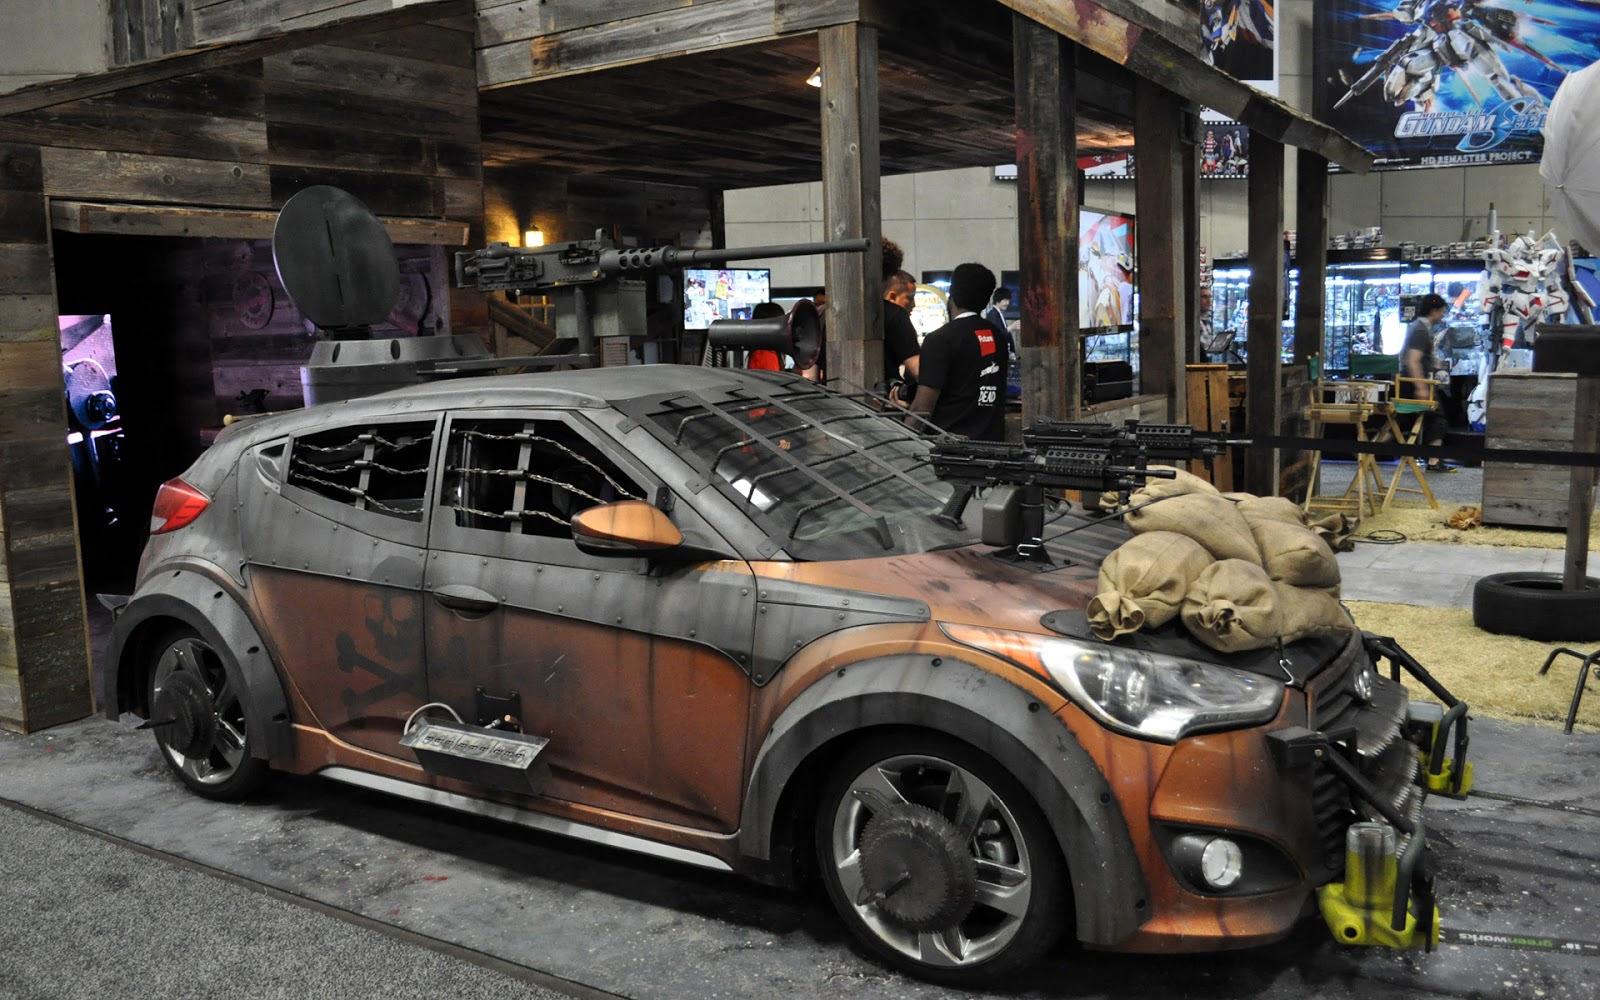 Veloster Zombie Survival Machine Apokaliptichnenko Comic Con 2013